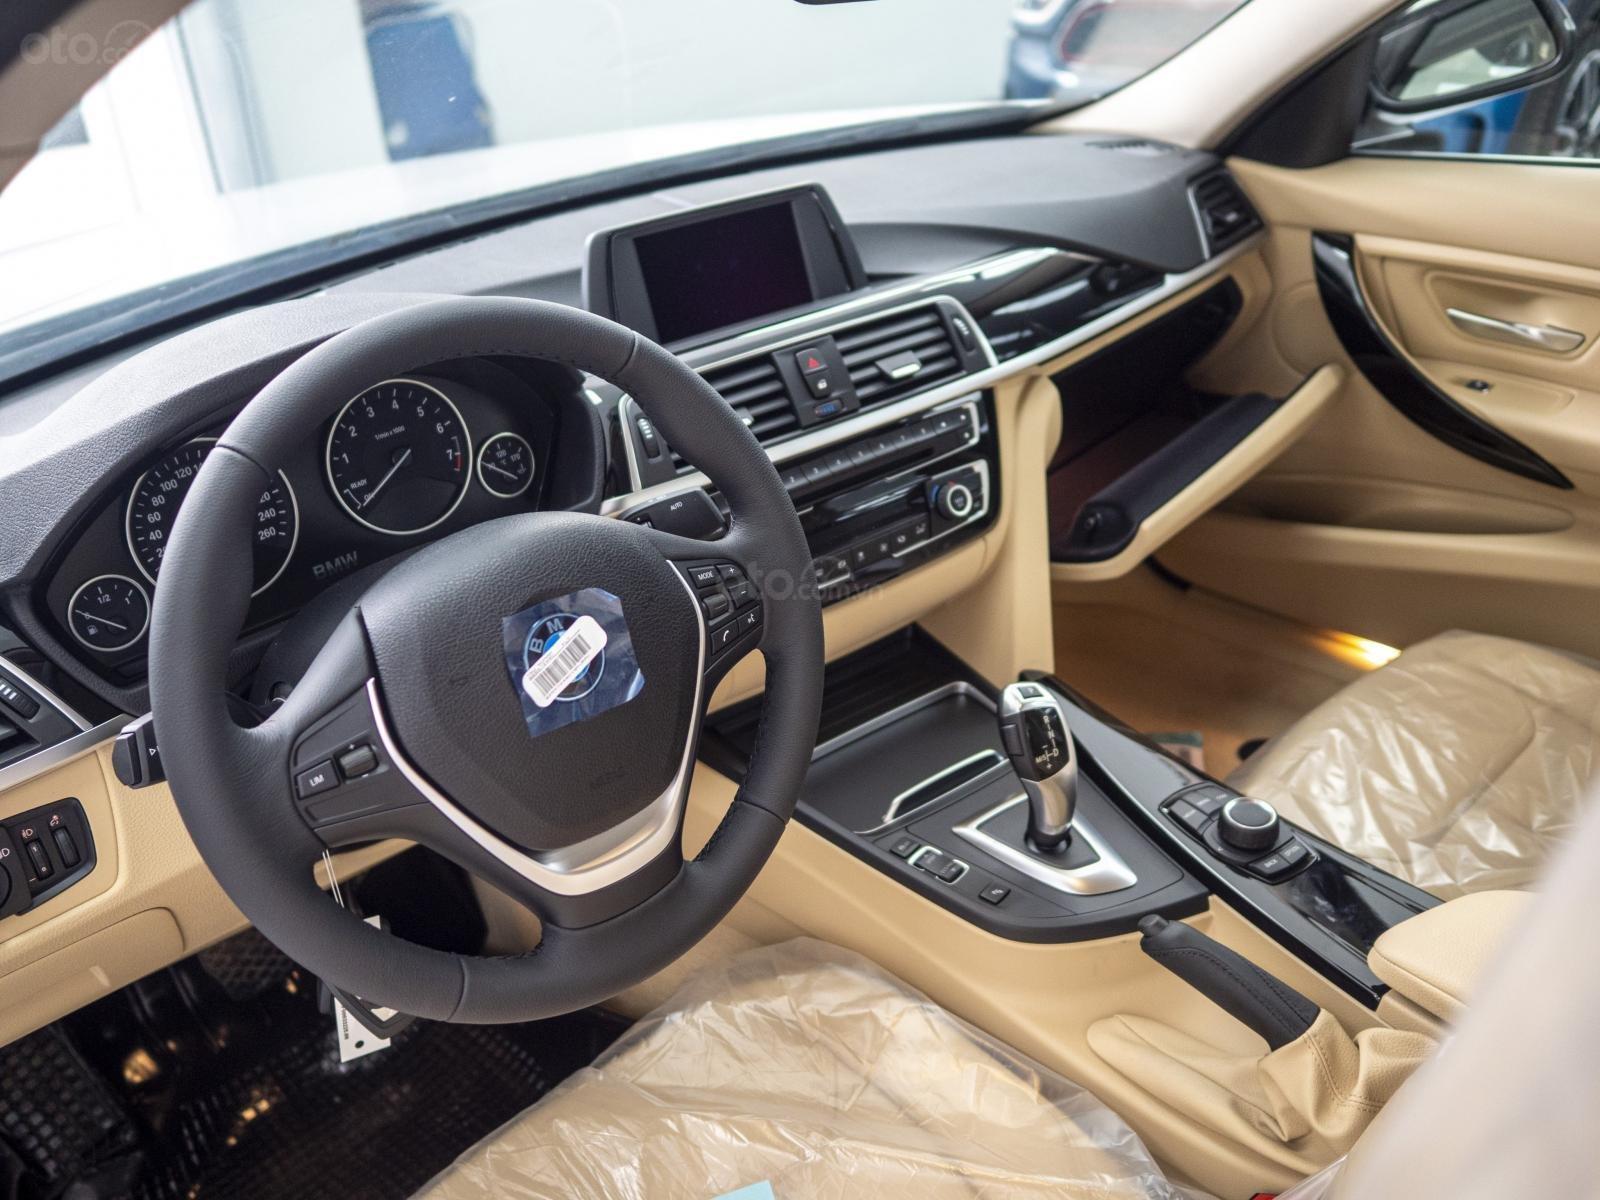 BMW 320i nhập Đức với siêu ưu đãi lớn lên đến 300 triệu, giá cực tốt tại thời điểm cuối năm (5)